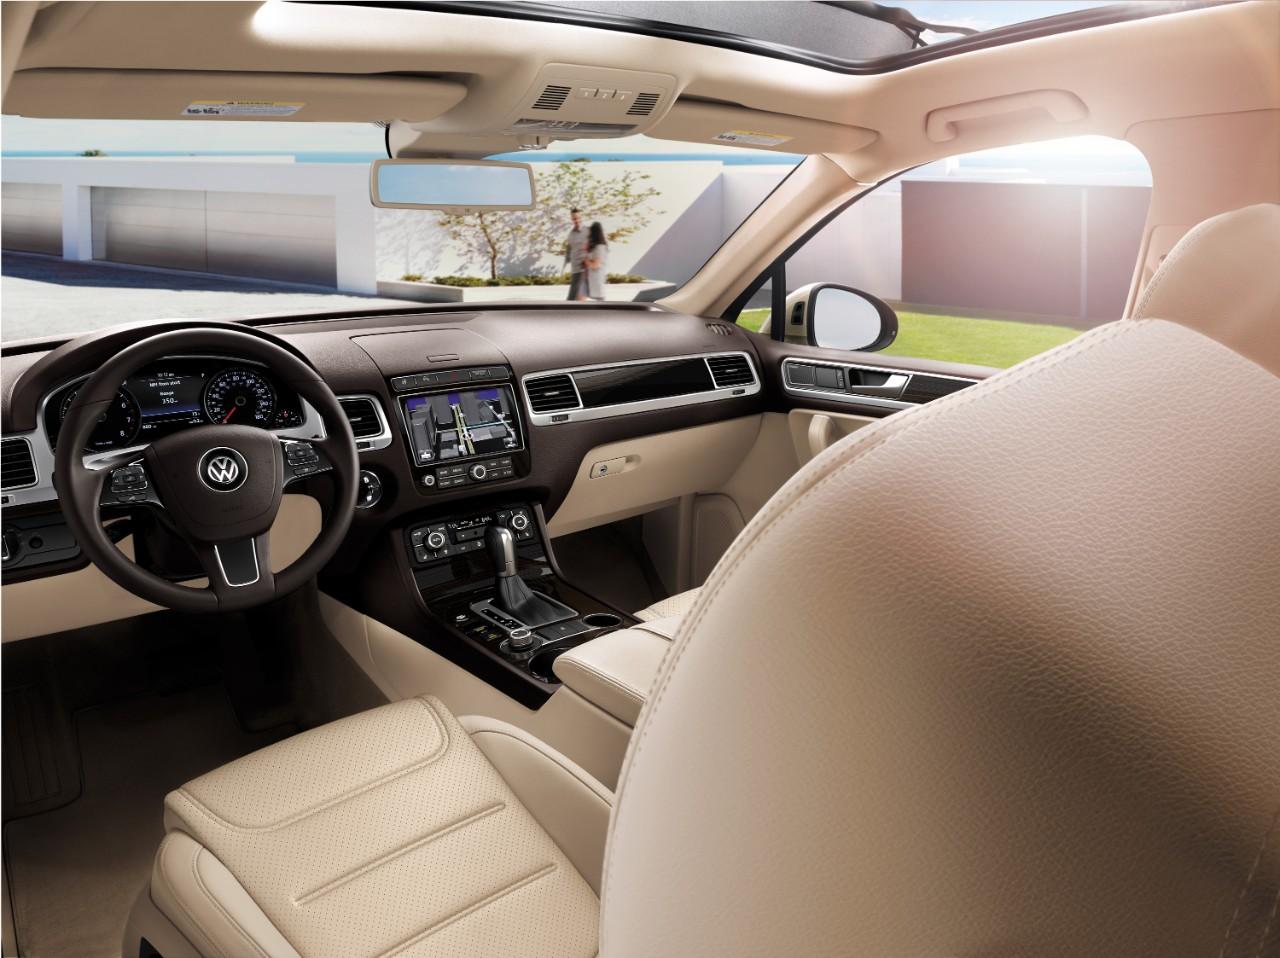 New VW Touareg Exterior image 2